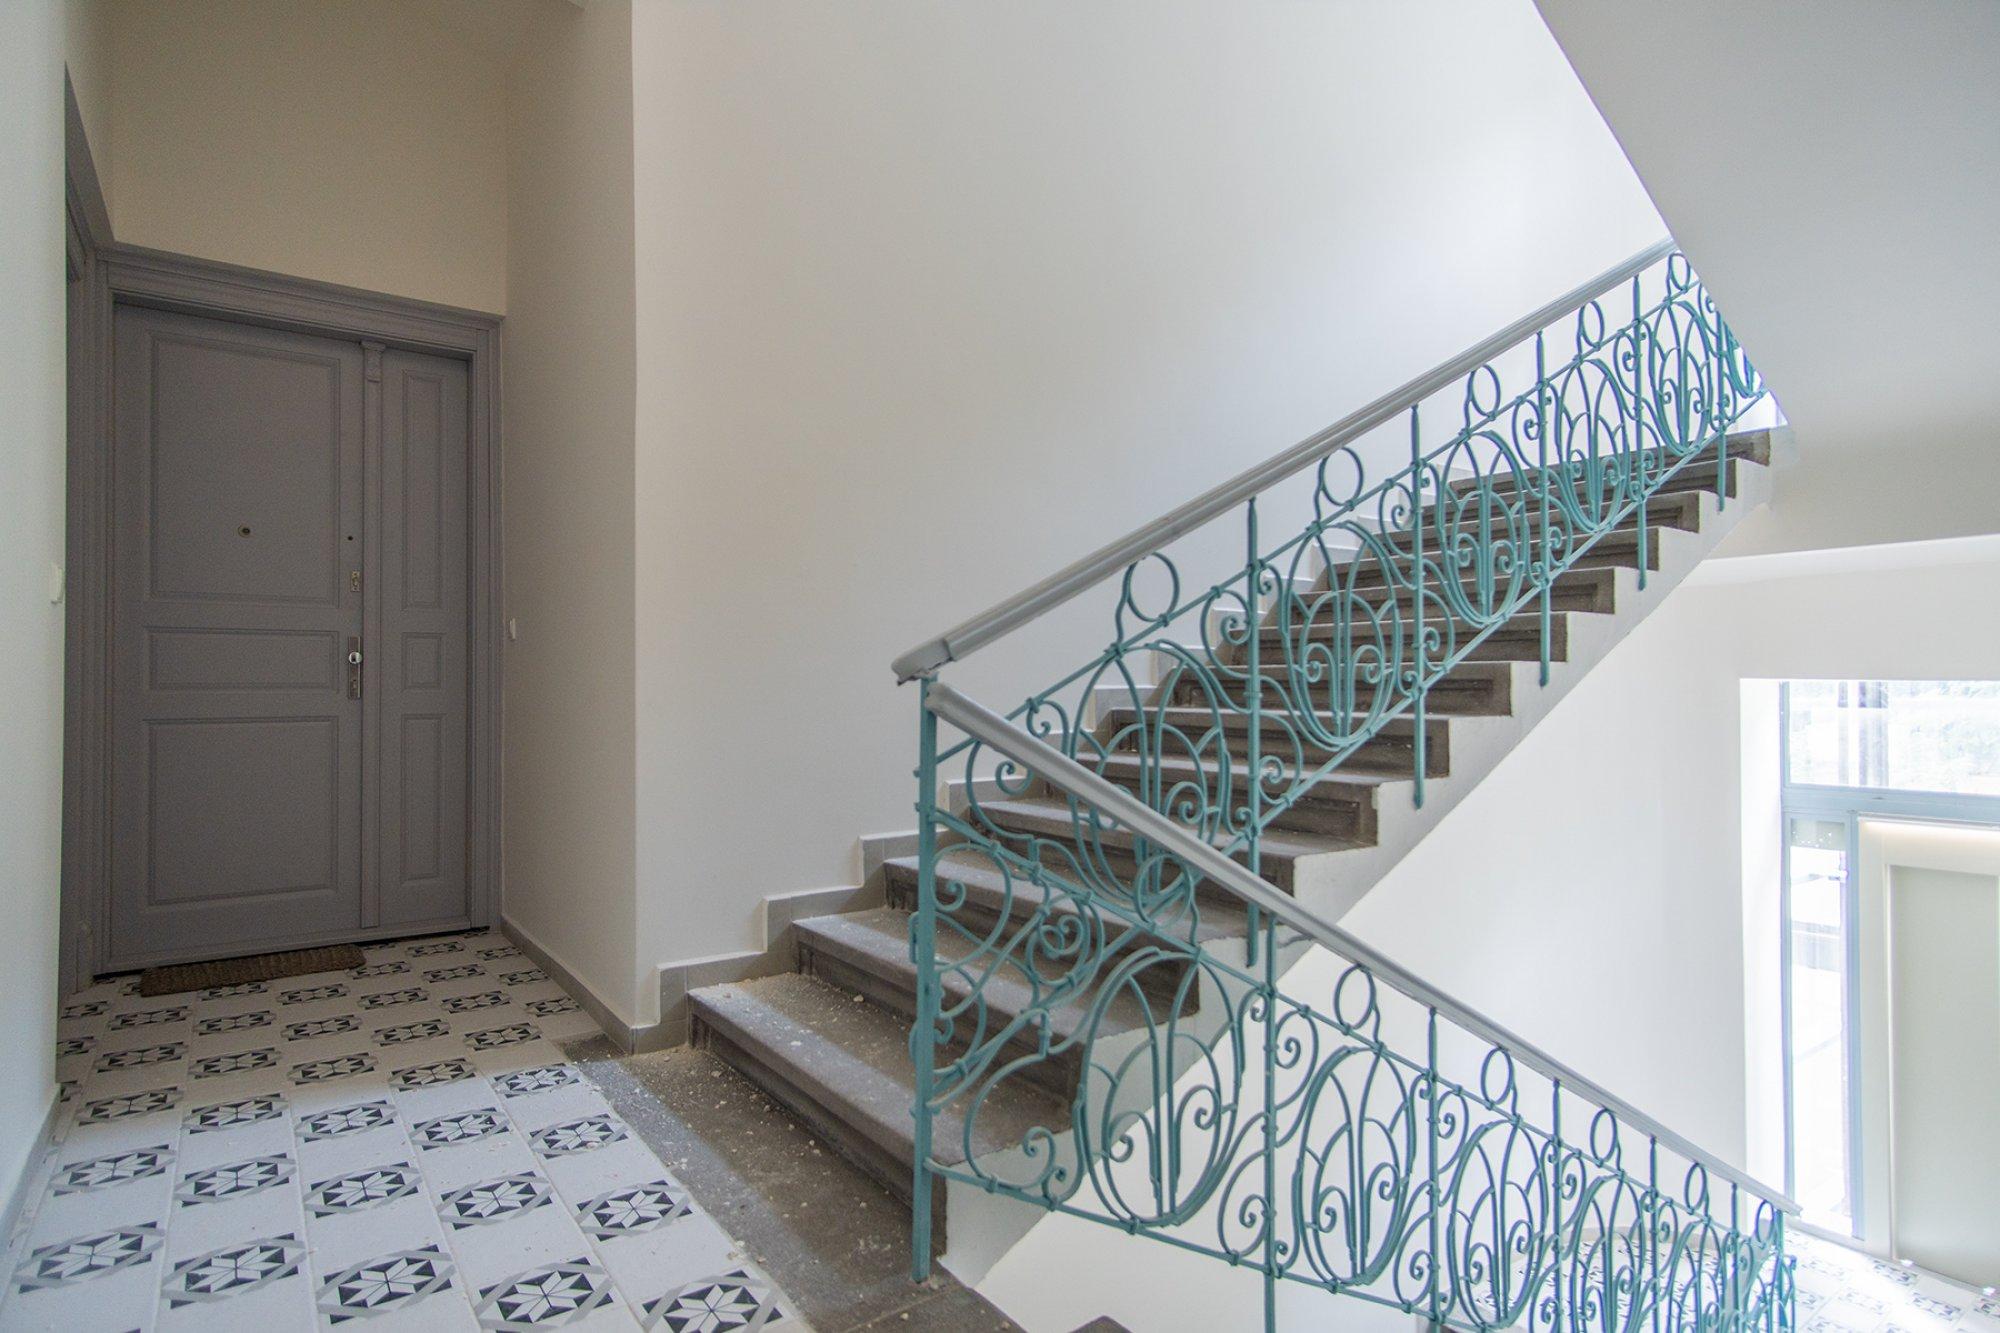 Developerský projekt Perner Lofts, ulice Pernerova, Praha 8 - Karlín | 18